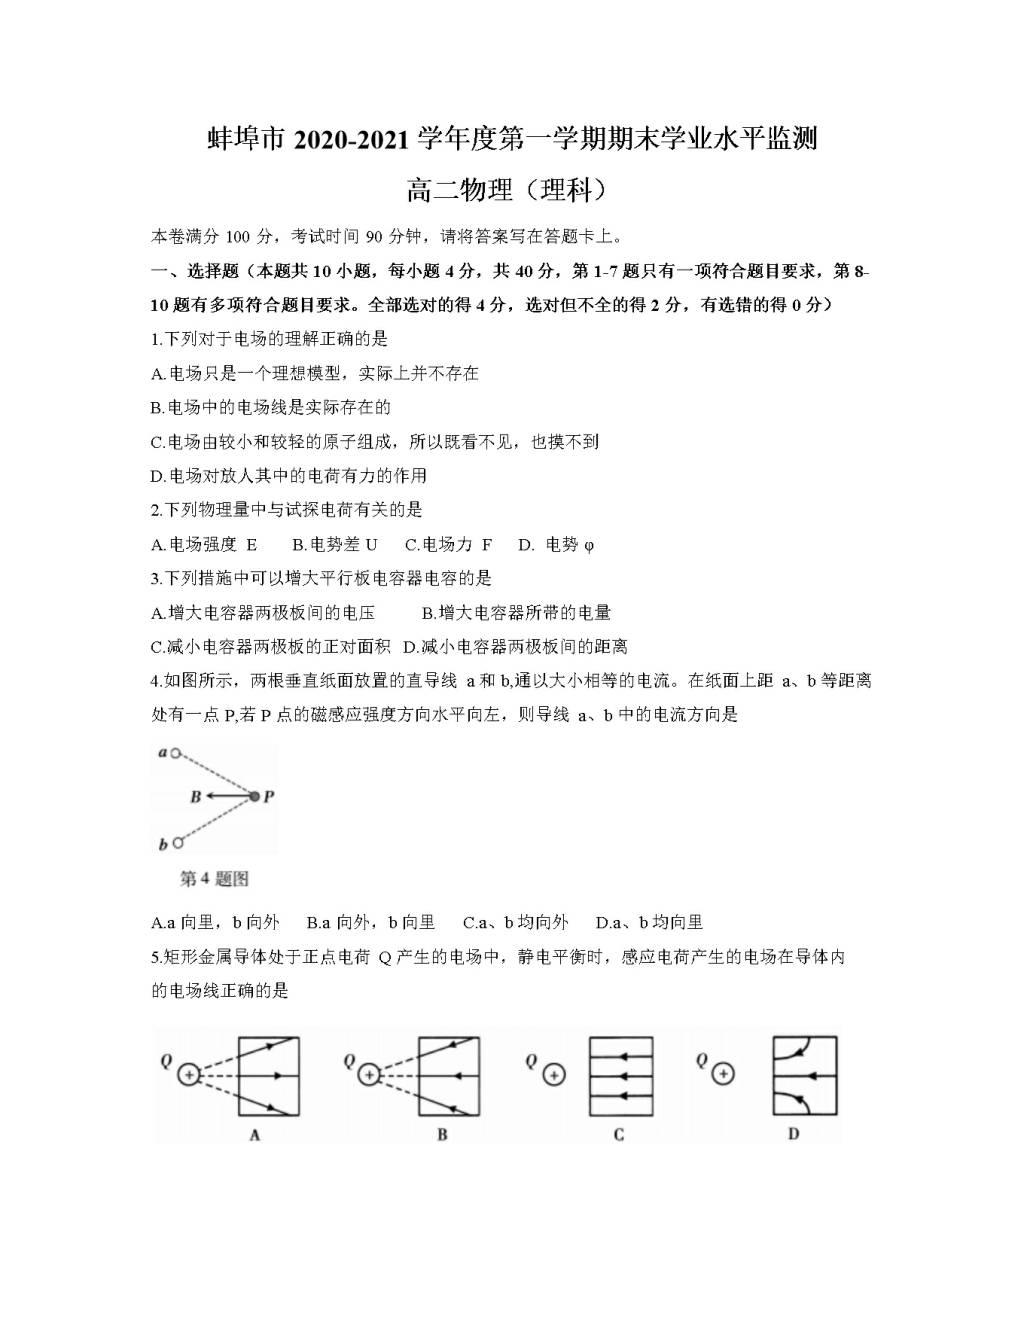 安徽省蚌埠市2020-2021学年高二物理上学期期末试题(word版附答案)(文件编号:21021919)